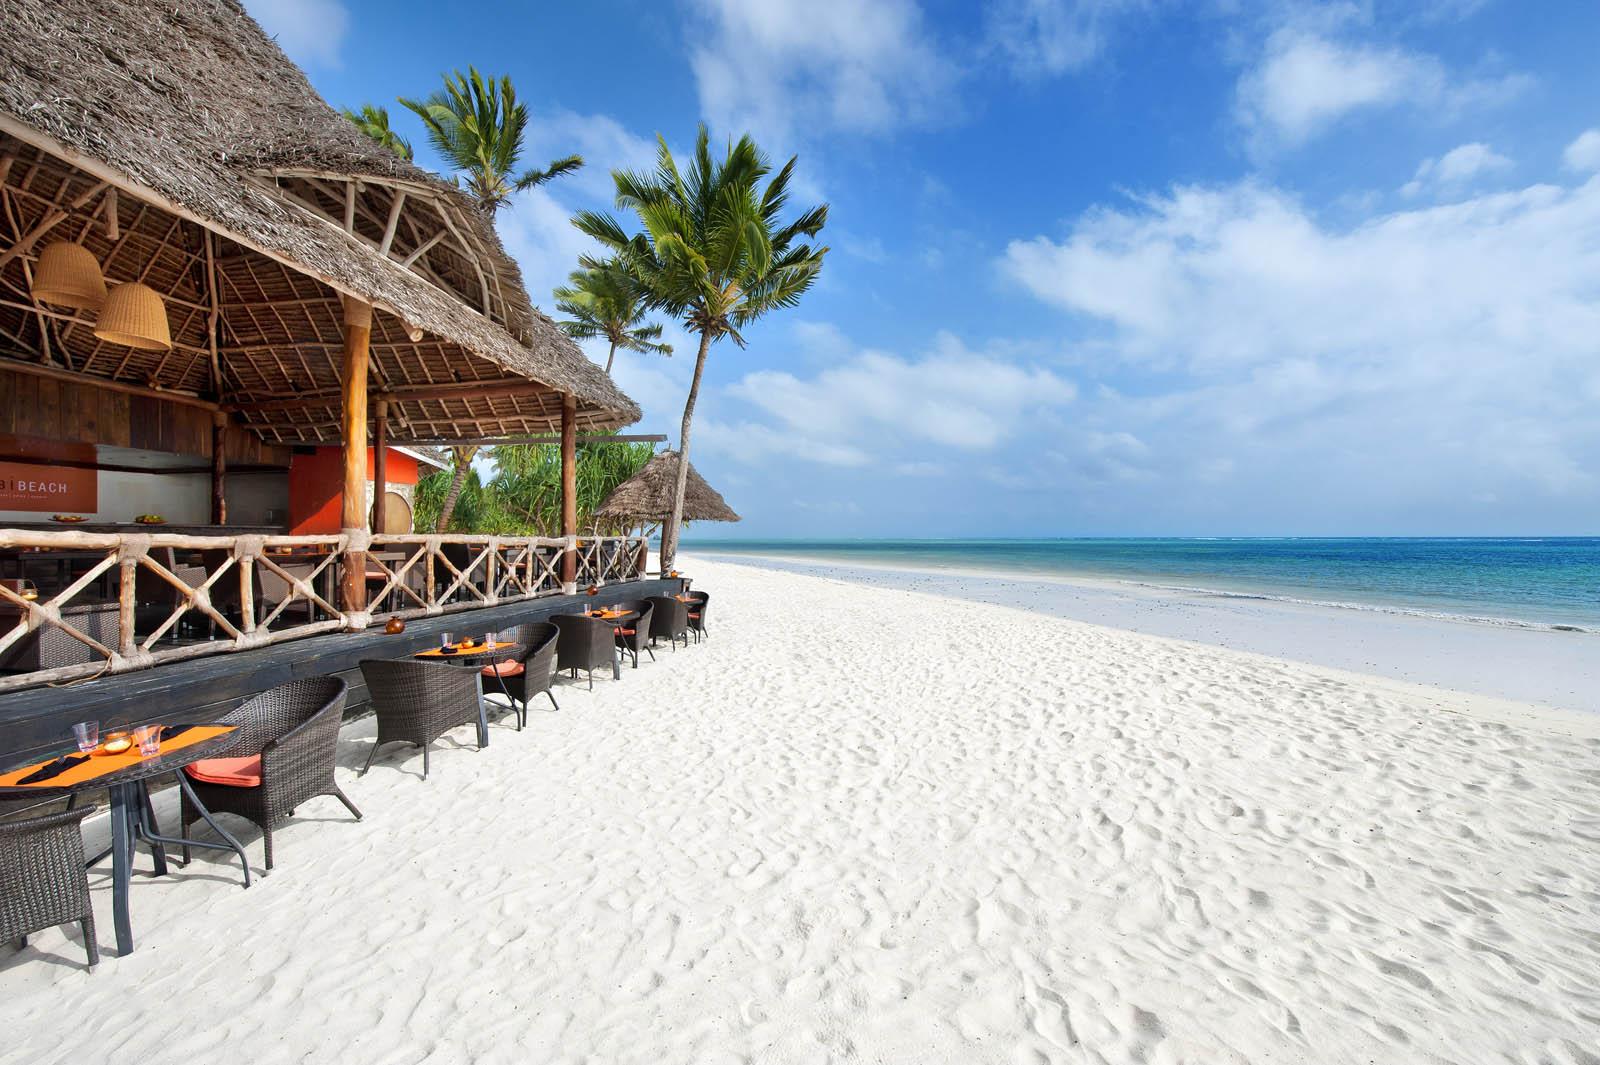 safari and Zanzibar 2 weeks